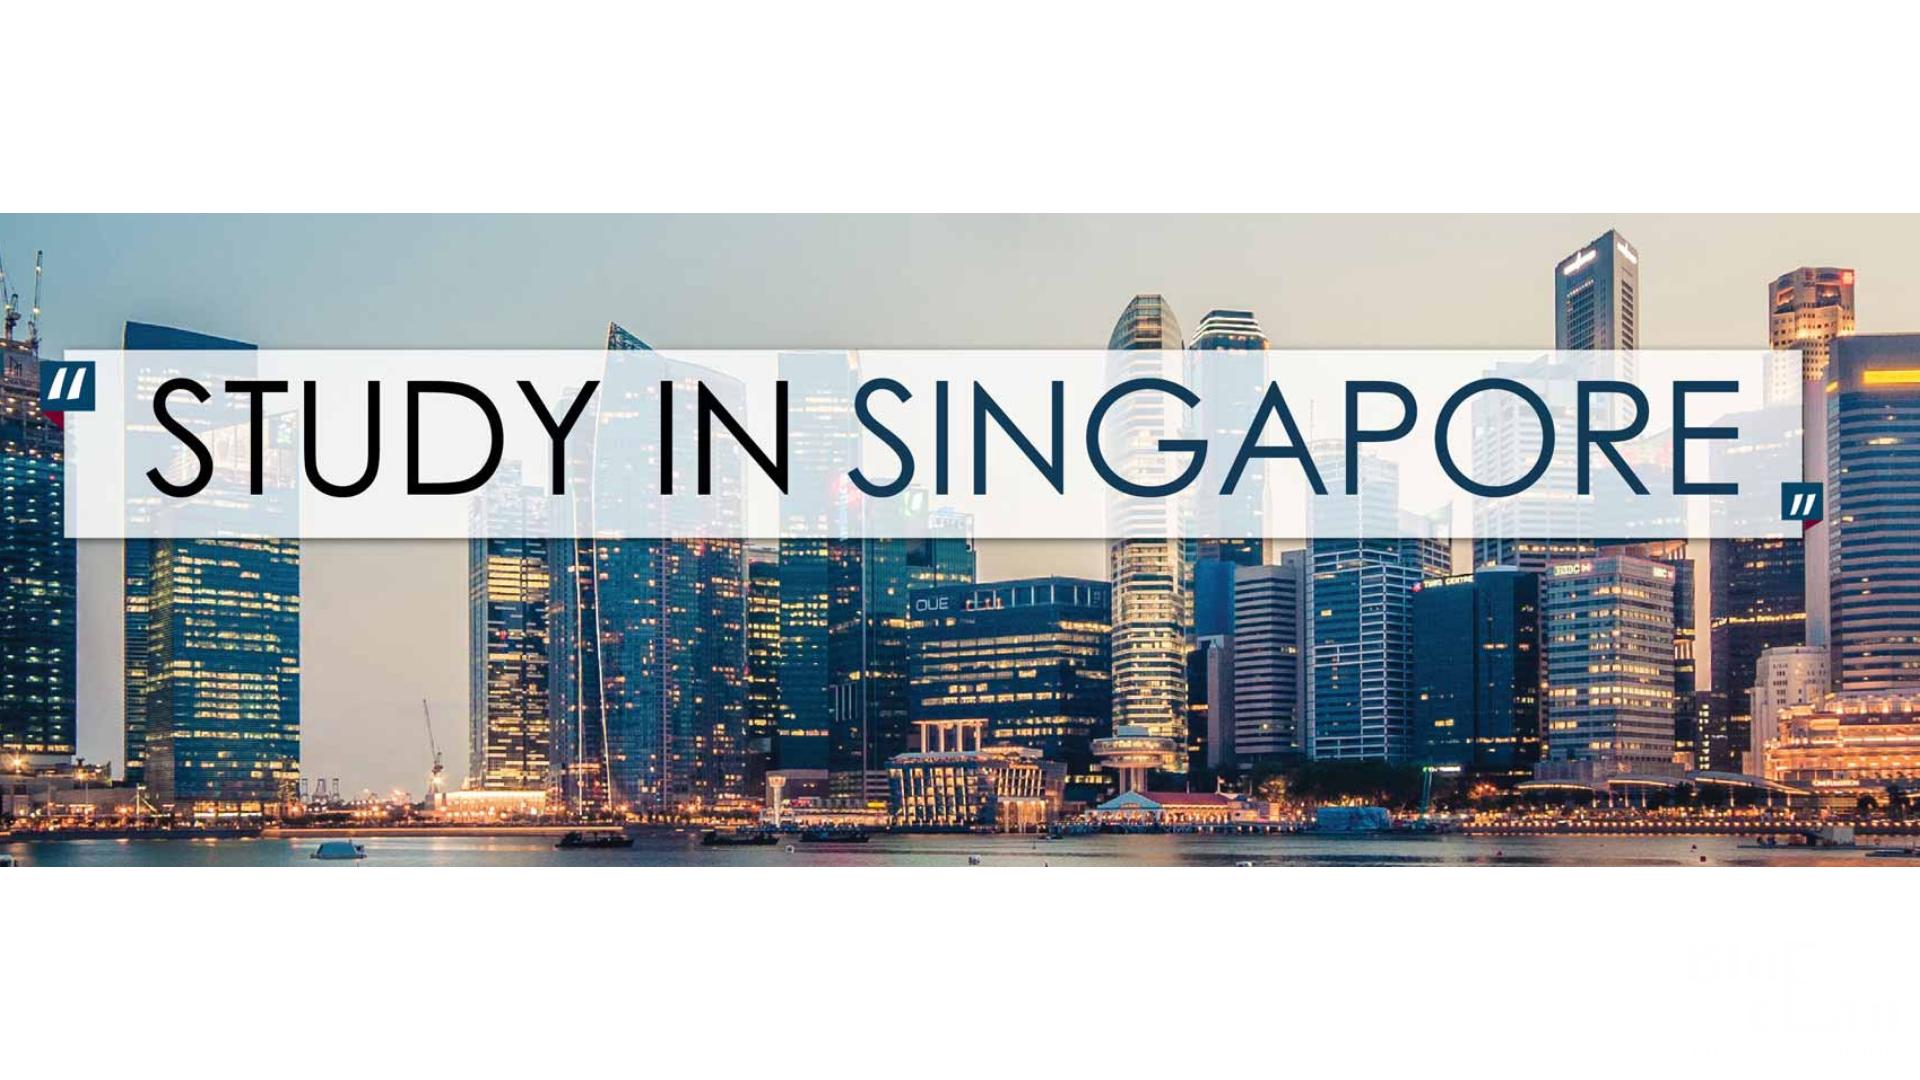 RÚT NGẮN THỜI GIAN LẤY BẰNG ĐẠI HỌC TẠI SINGAPORE